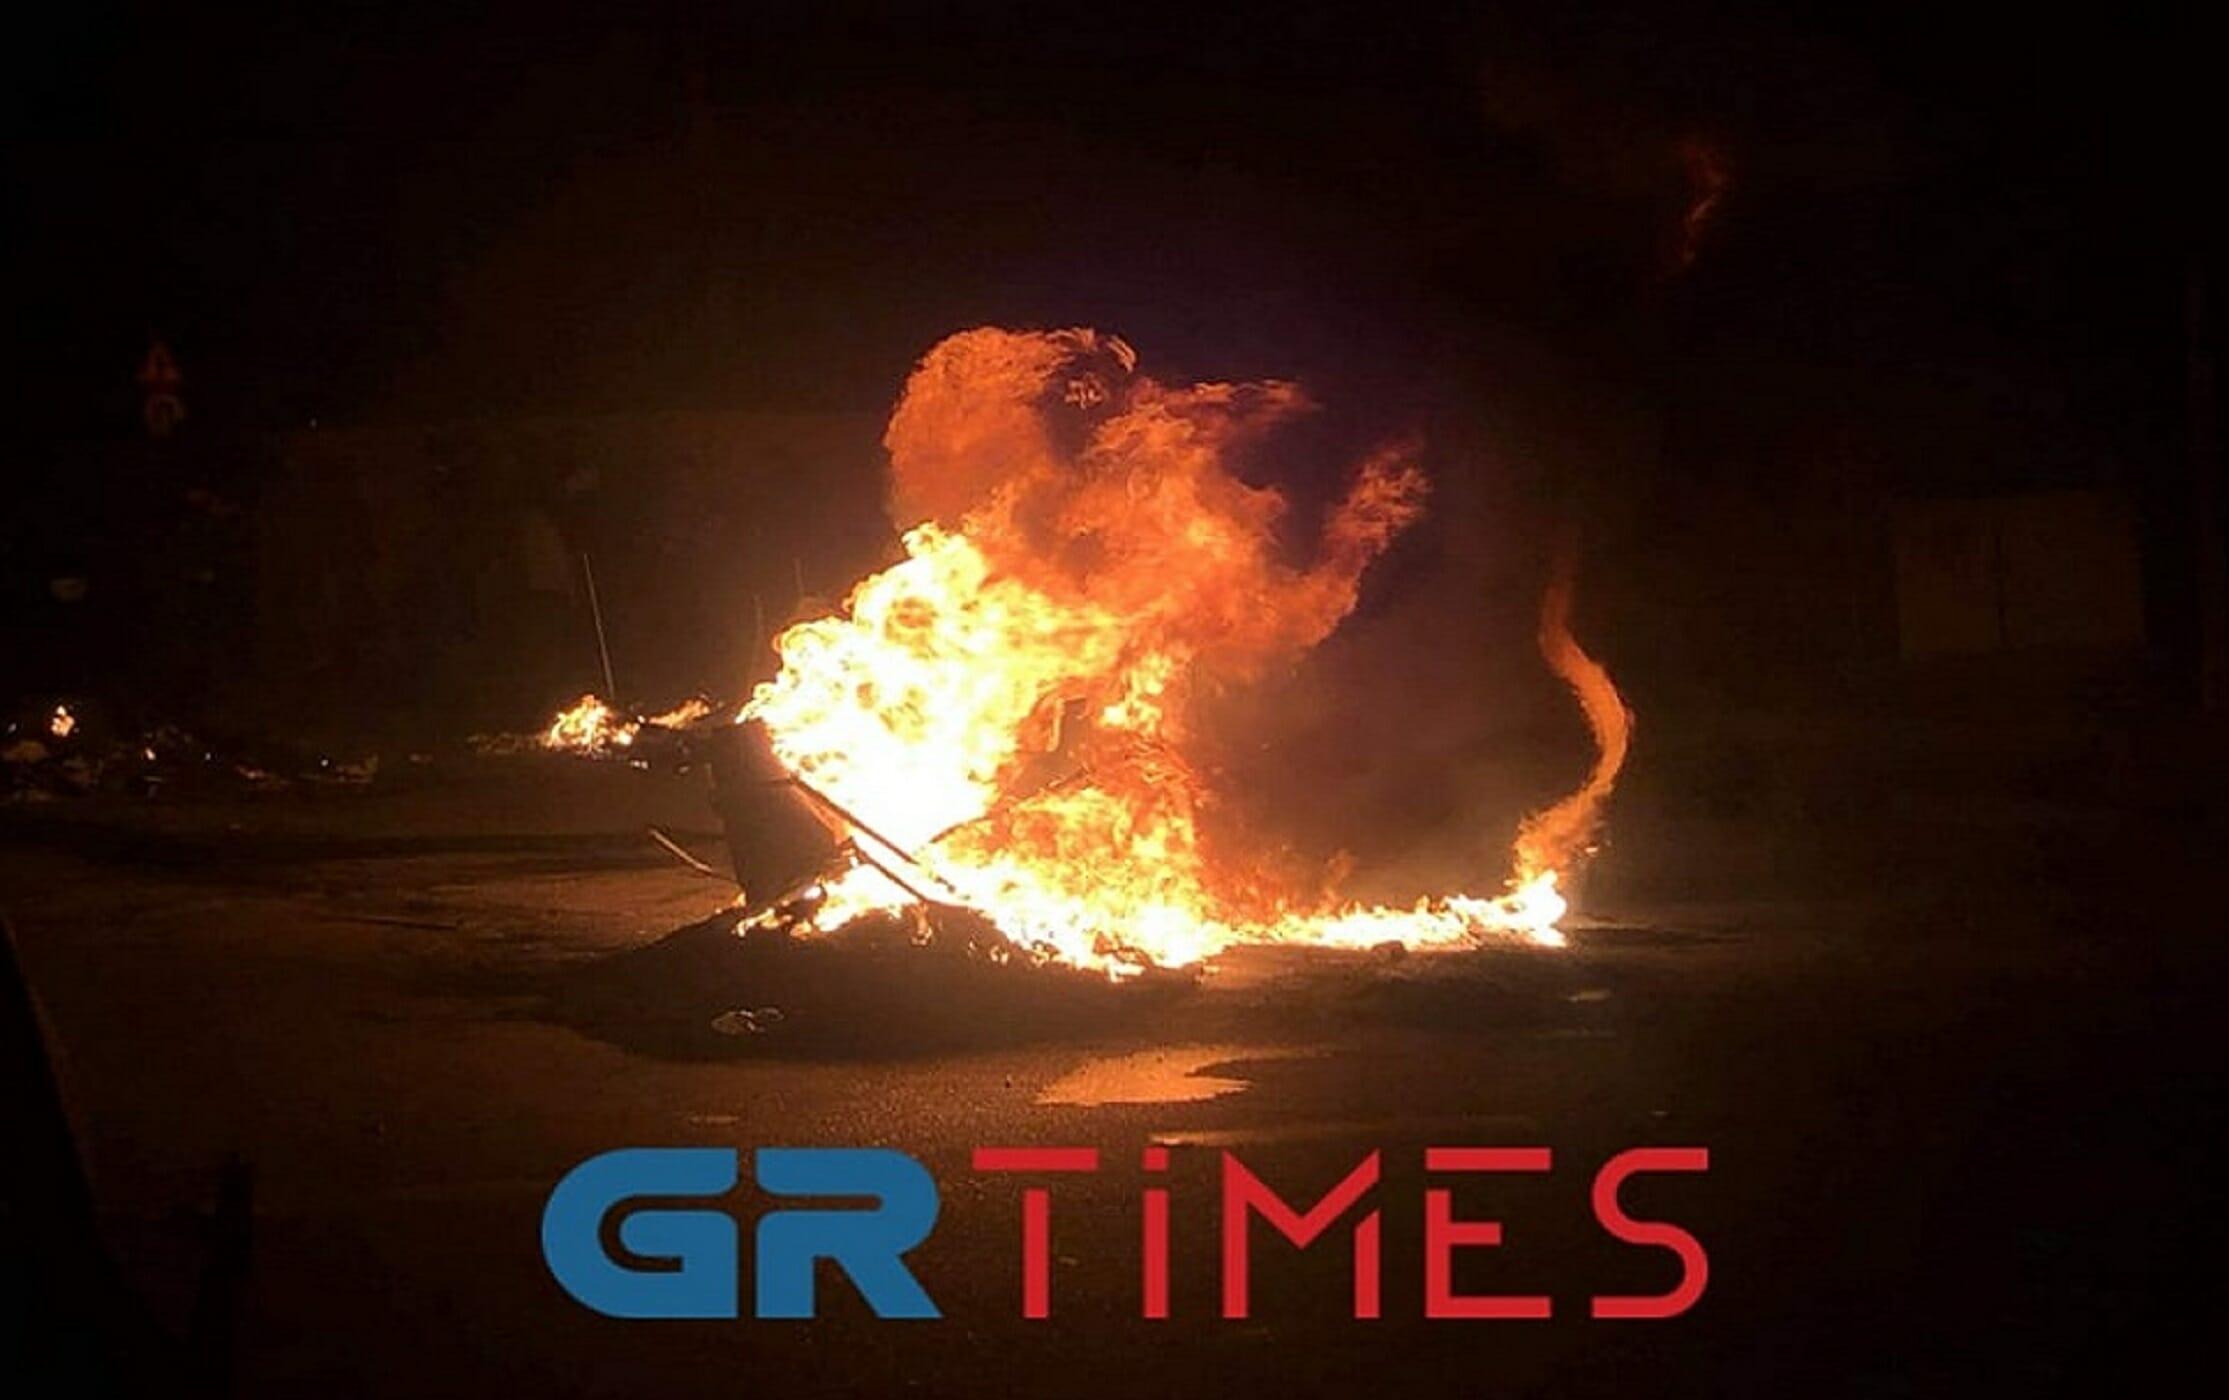 Λέσβος: Υπό πολιορκία οι αστυνομικοί στο στρατόπεδο Κυριαζή! Πολίτες με όπλα στα χέρια